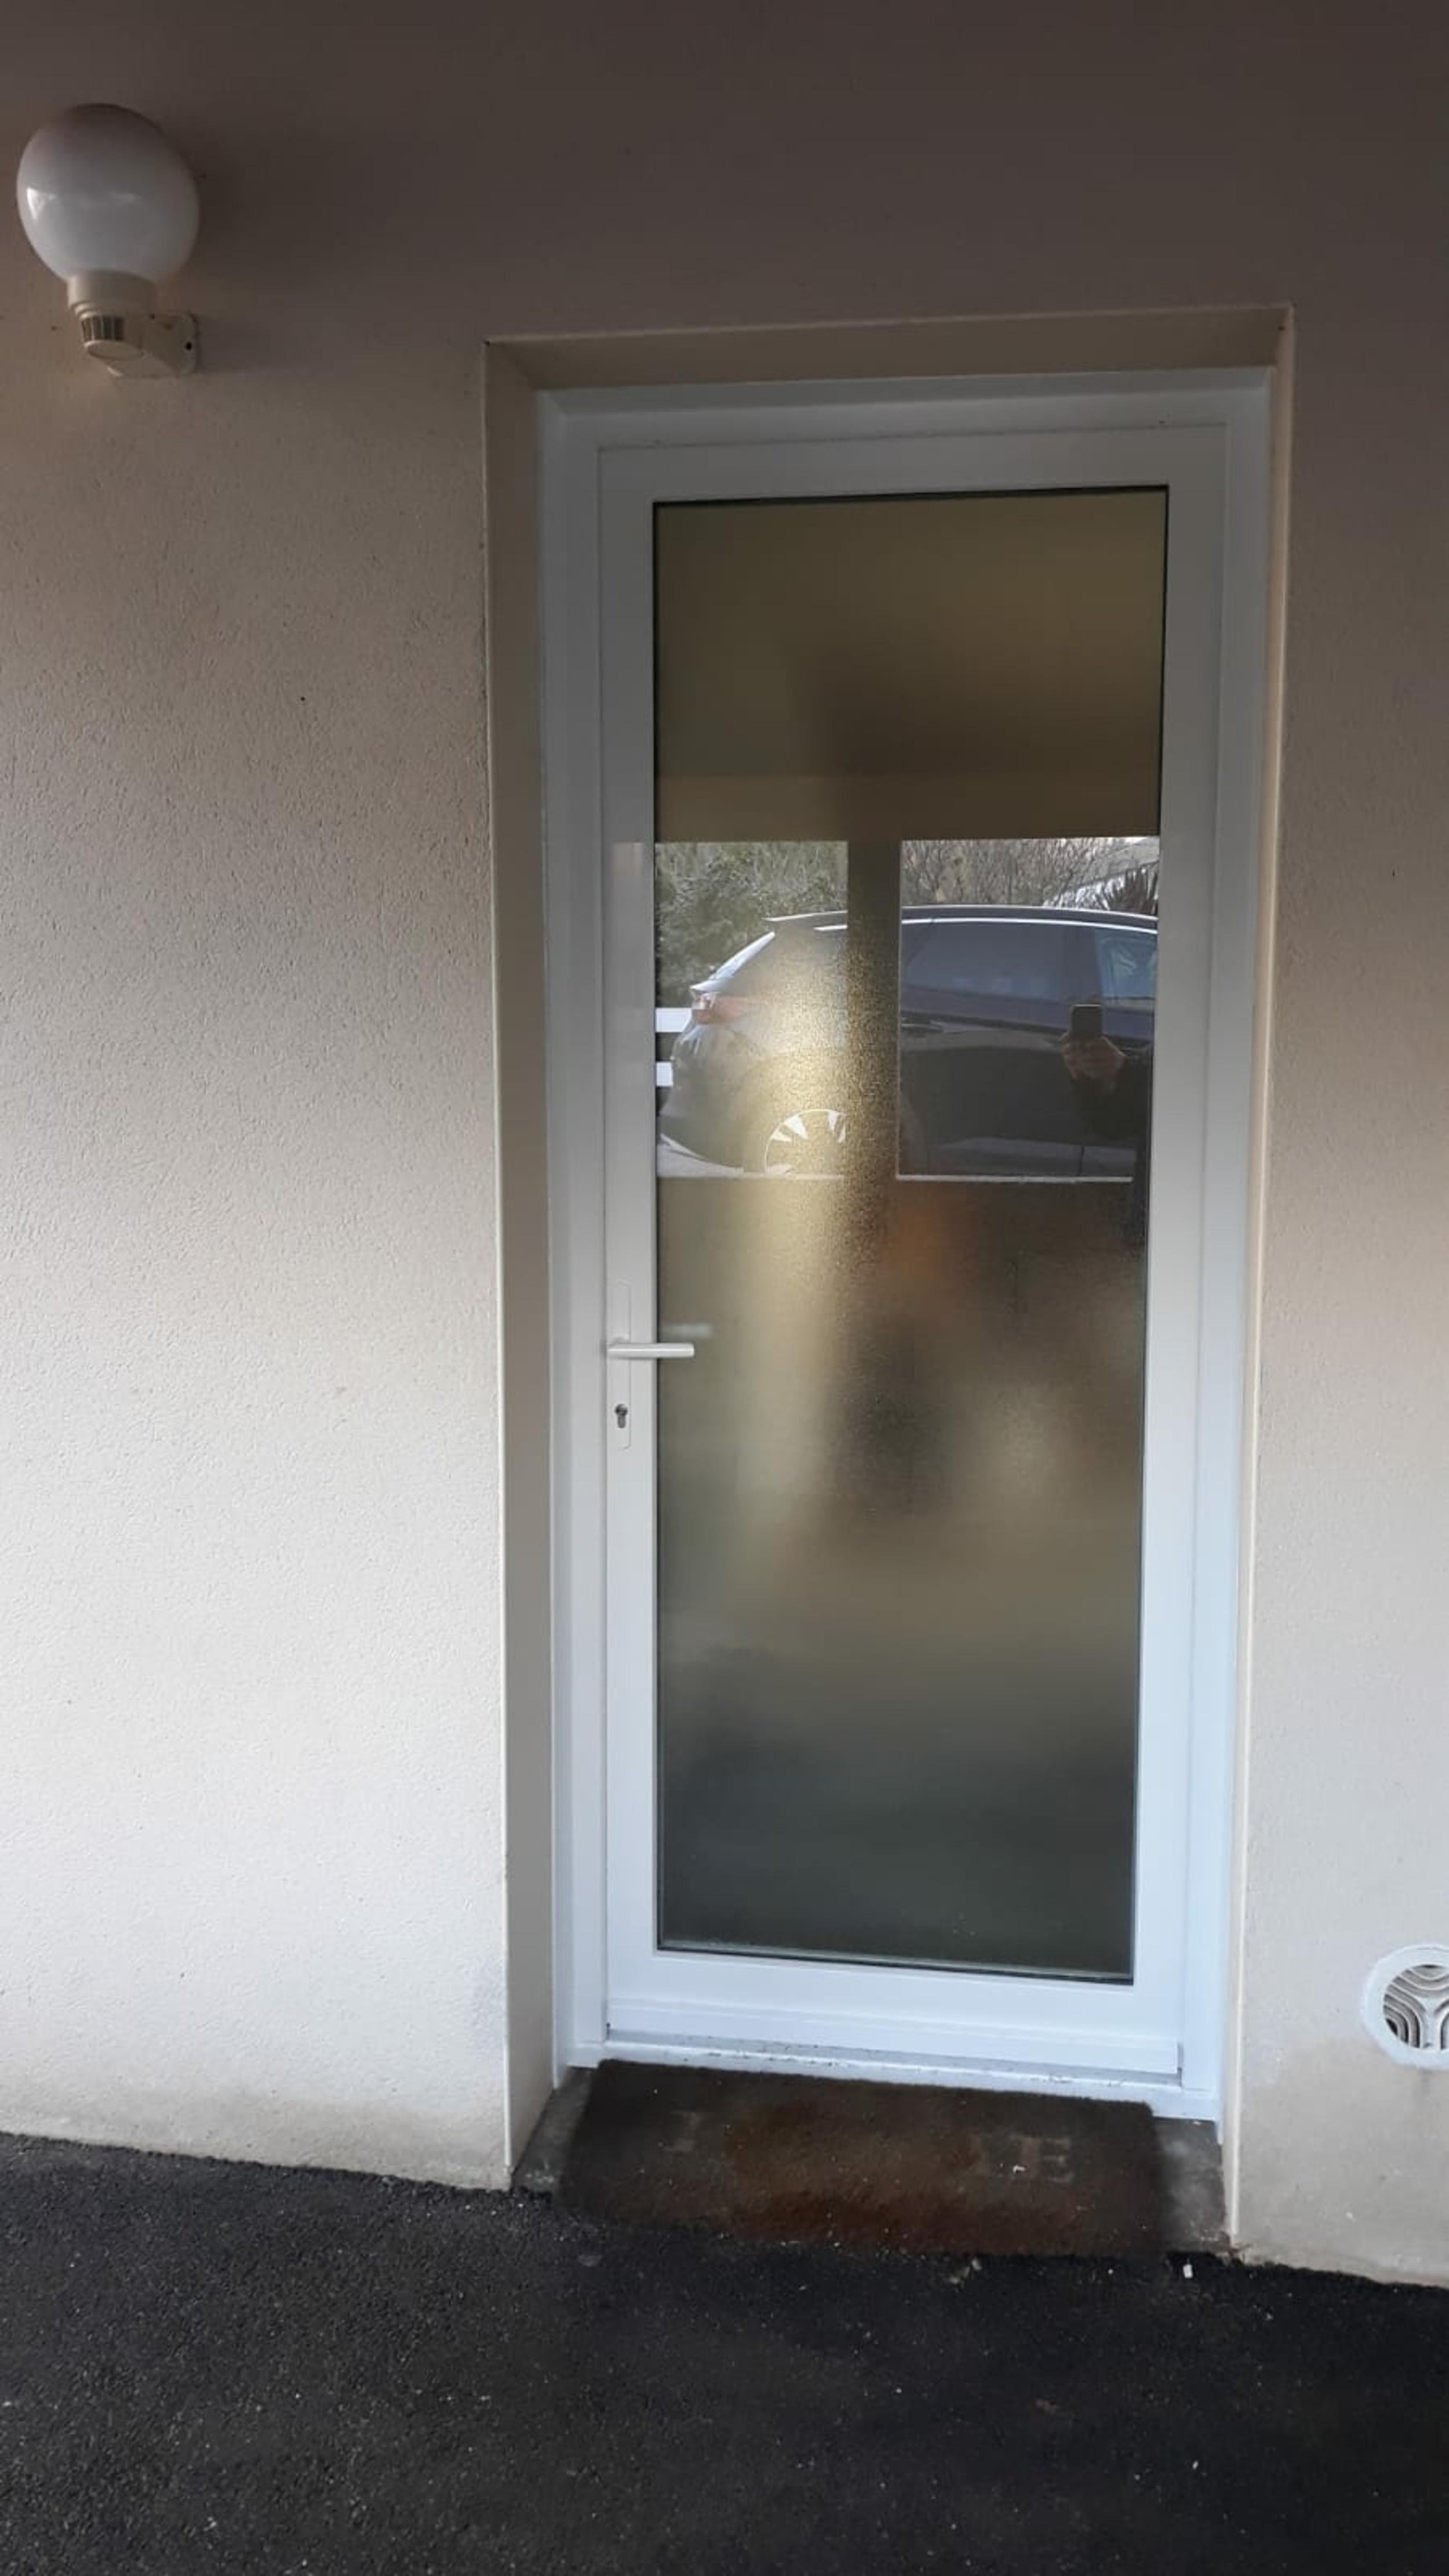 Installation porte d''entrée vitrée - Hennebont